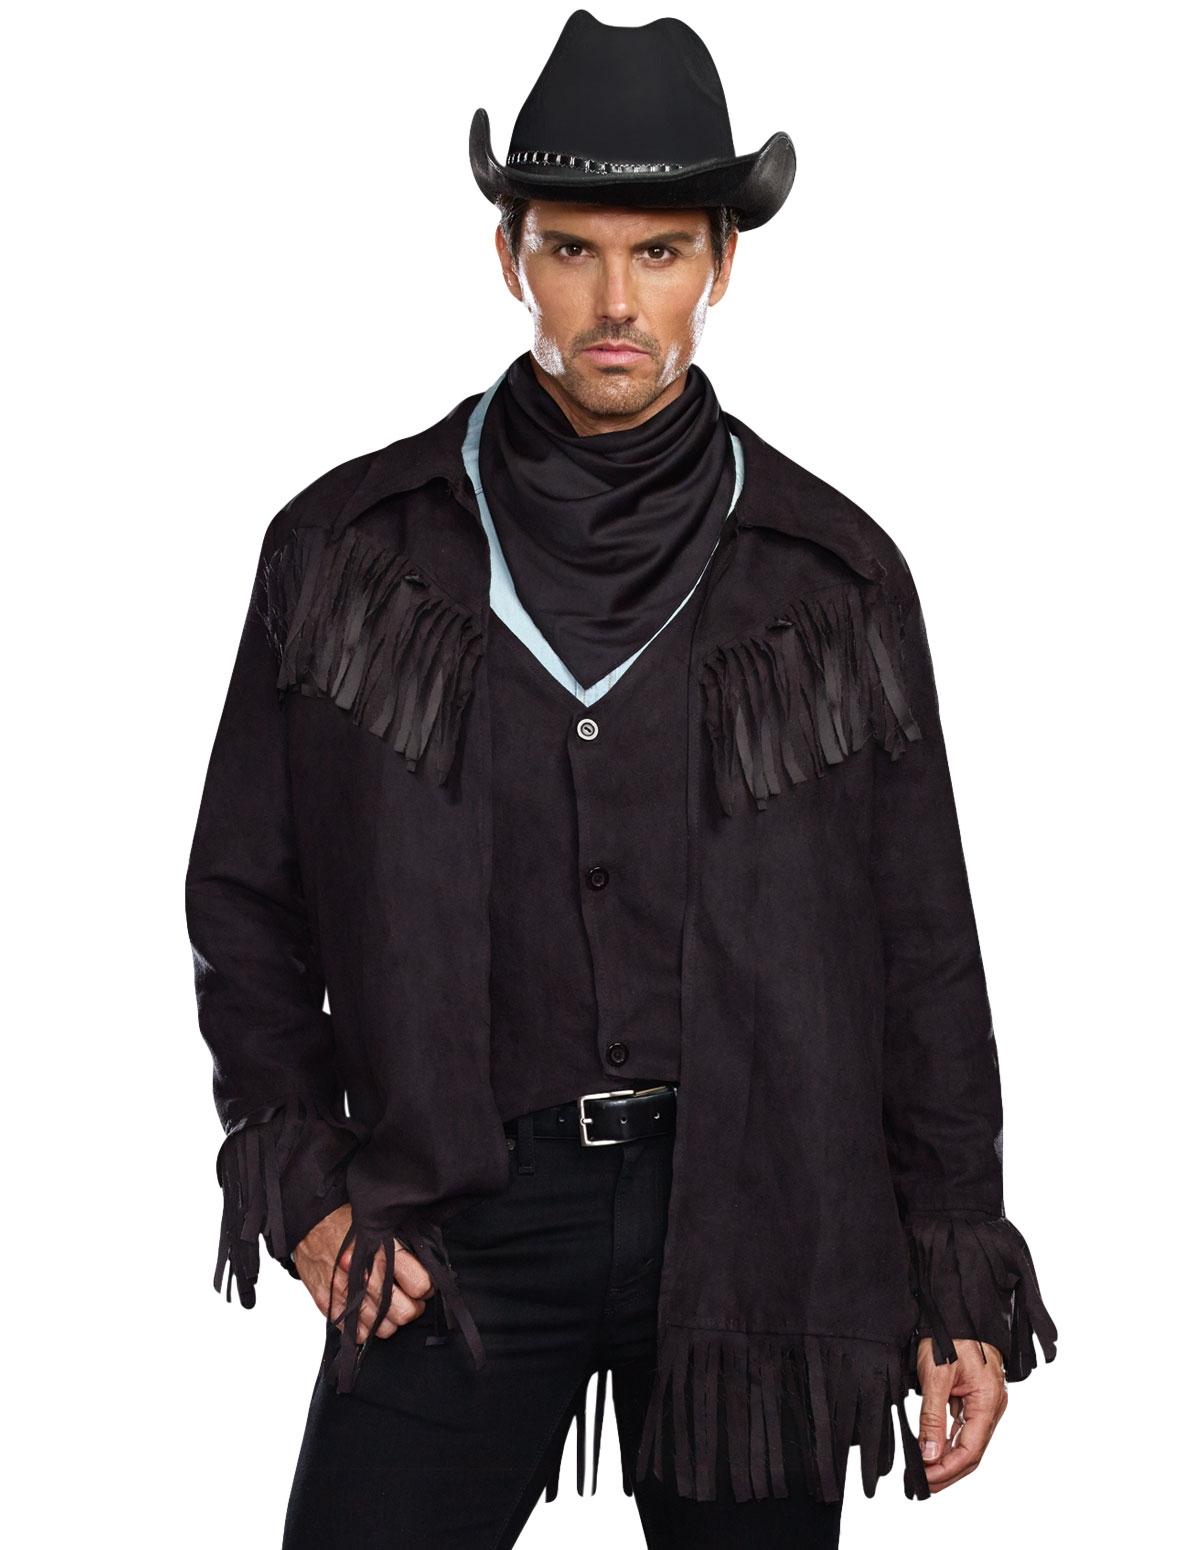 Buck Wild Costume